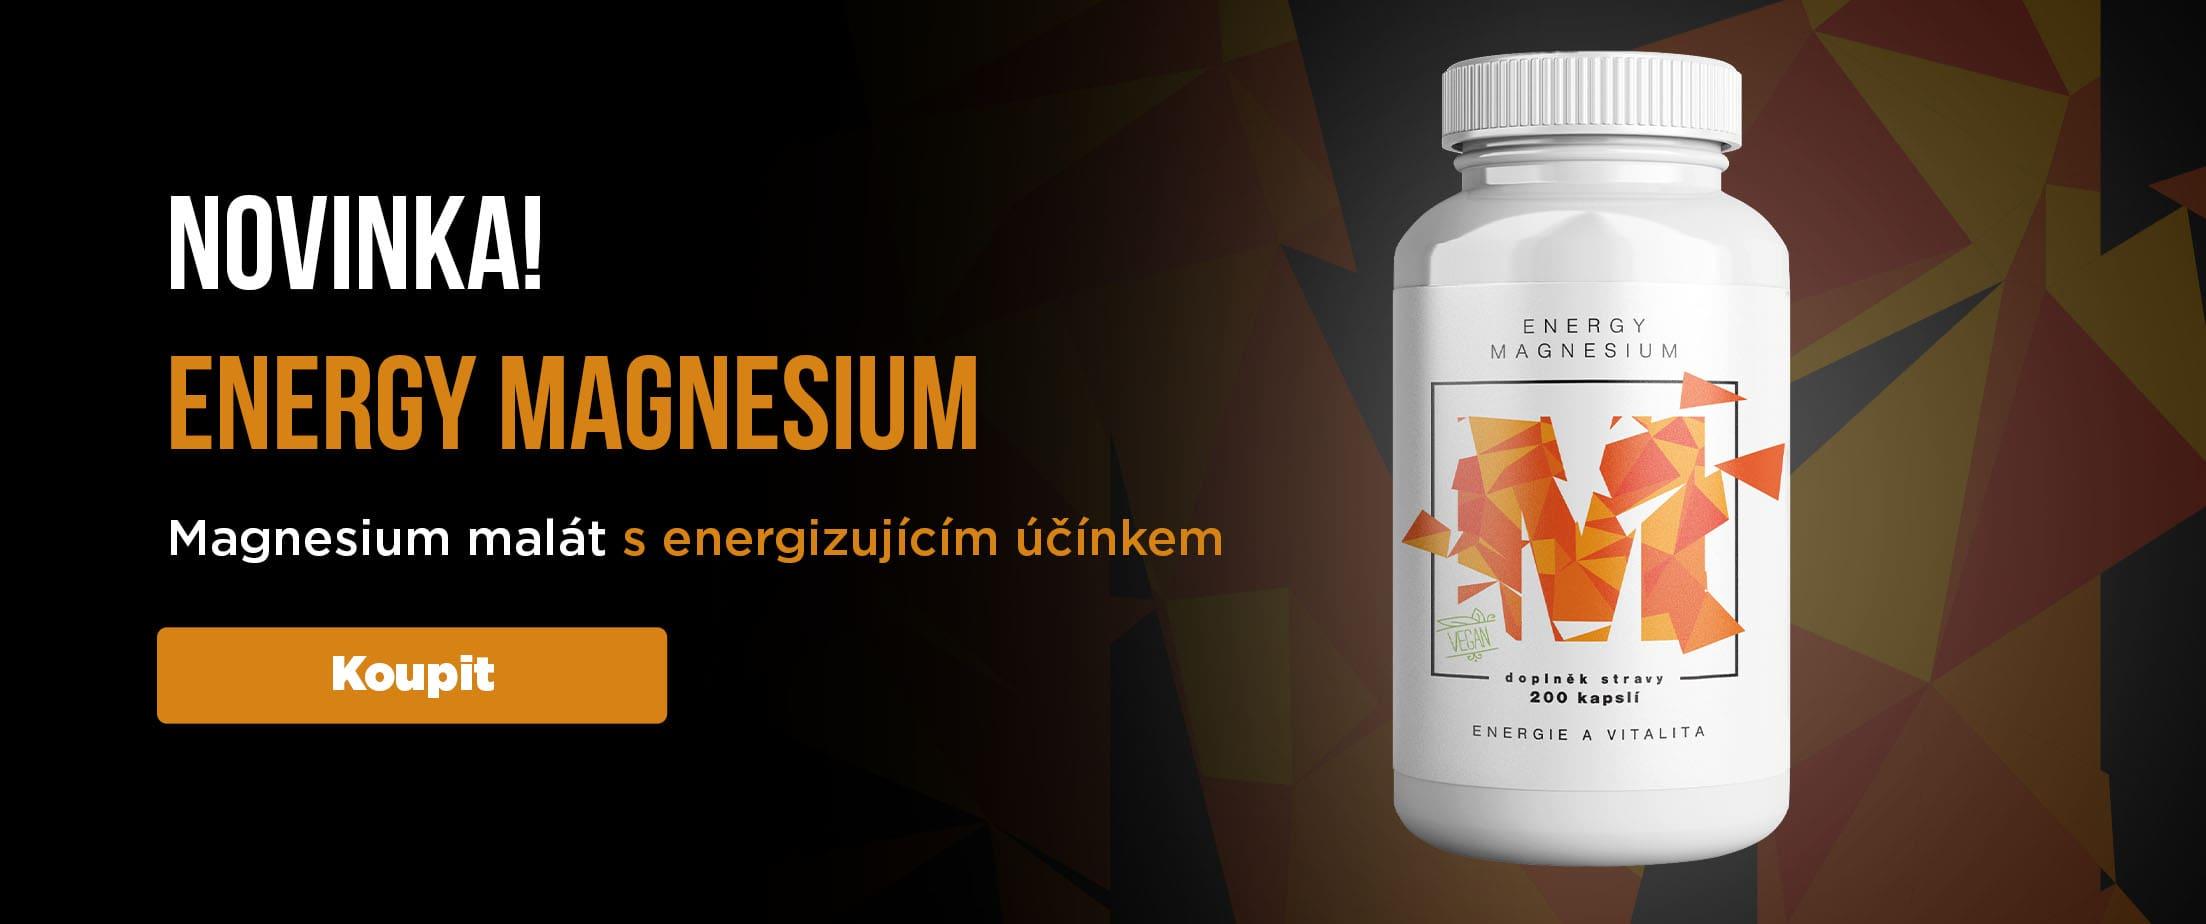 Energy magnesium